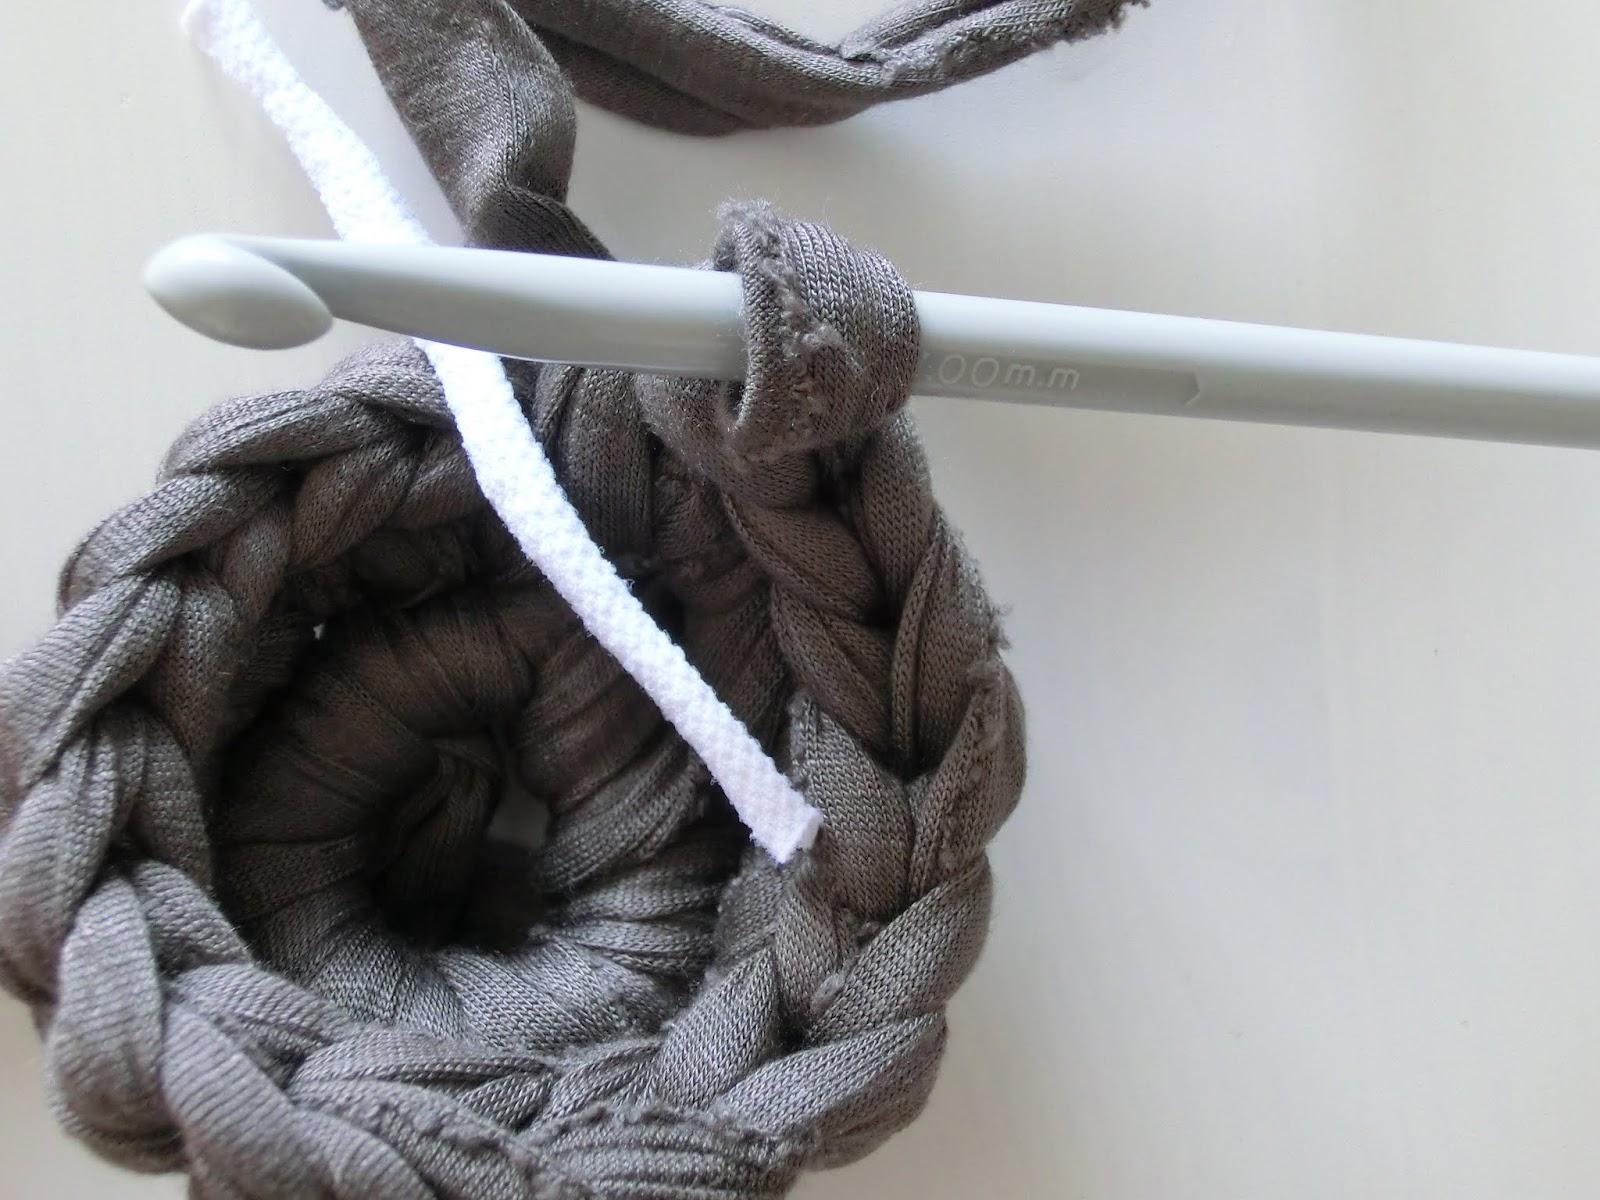 Tutorial Crochet Xxl : ... des de l?tic: ...tutorial de ganxet XXL / Crochet XXL tutorial